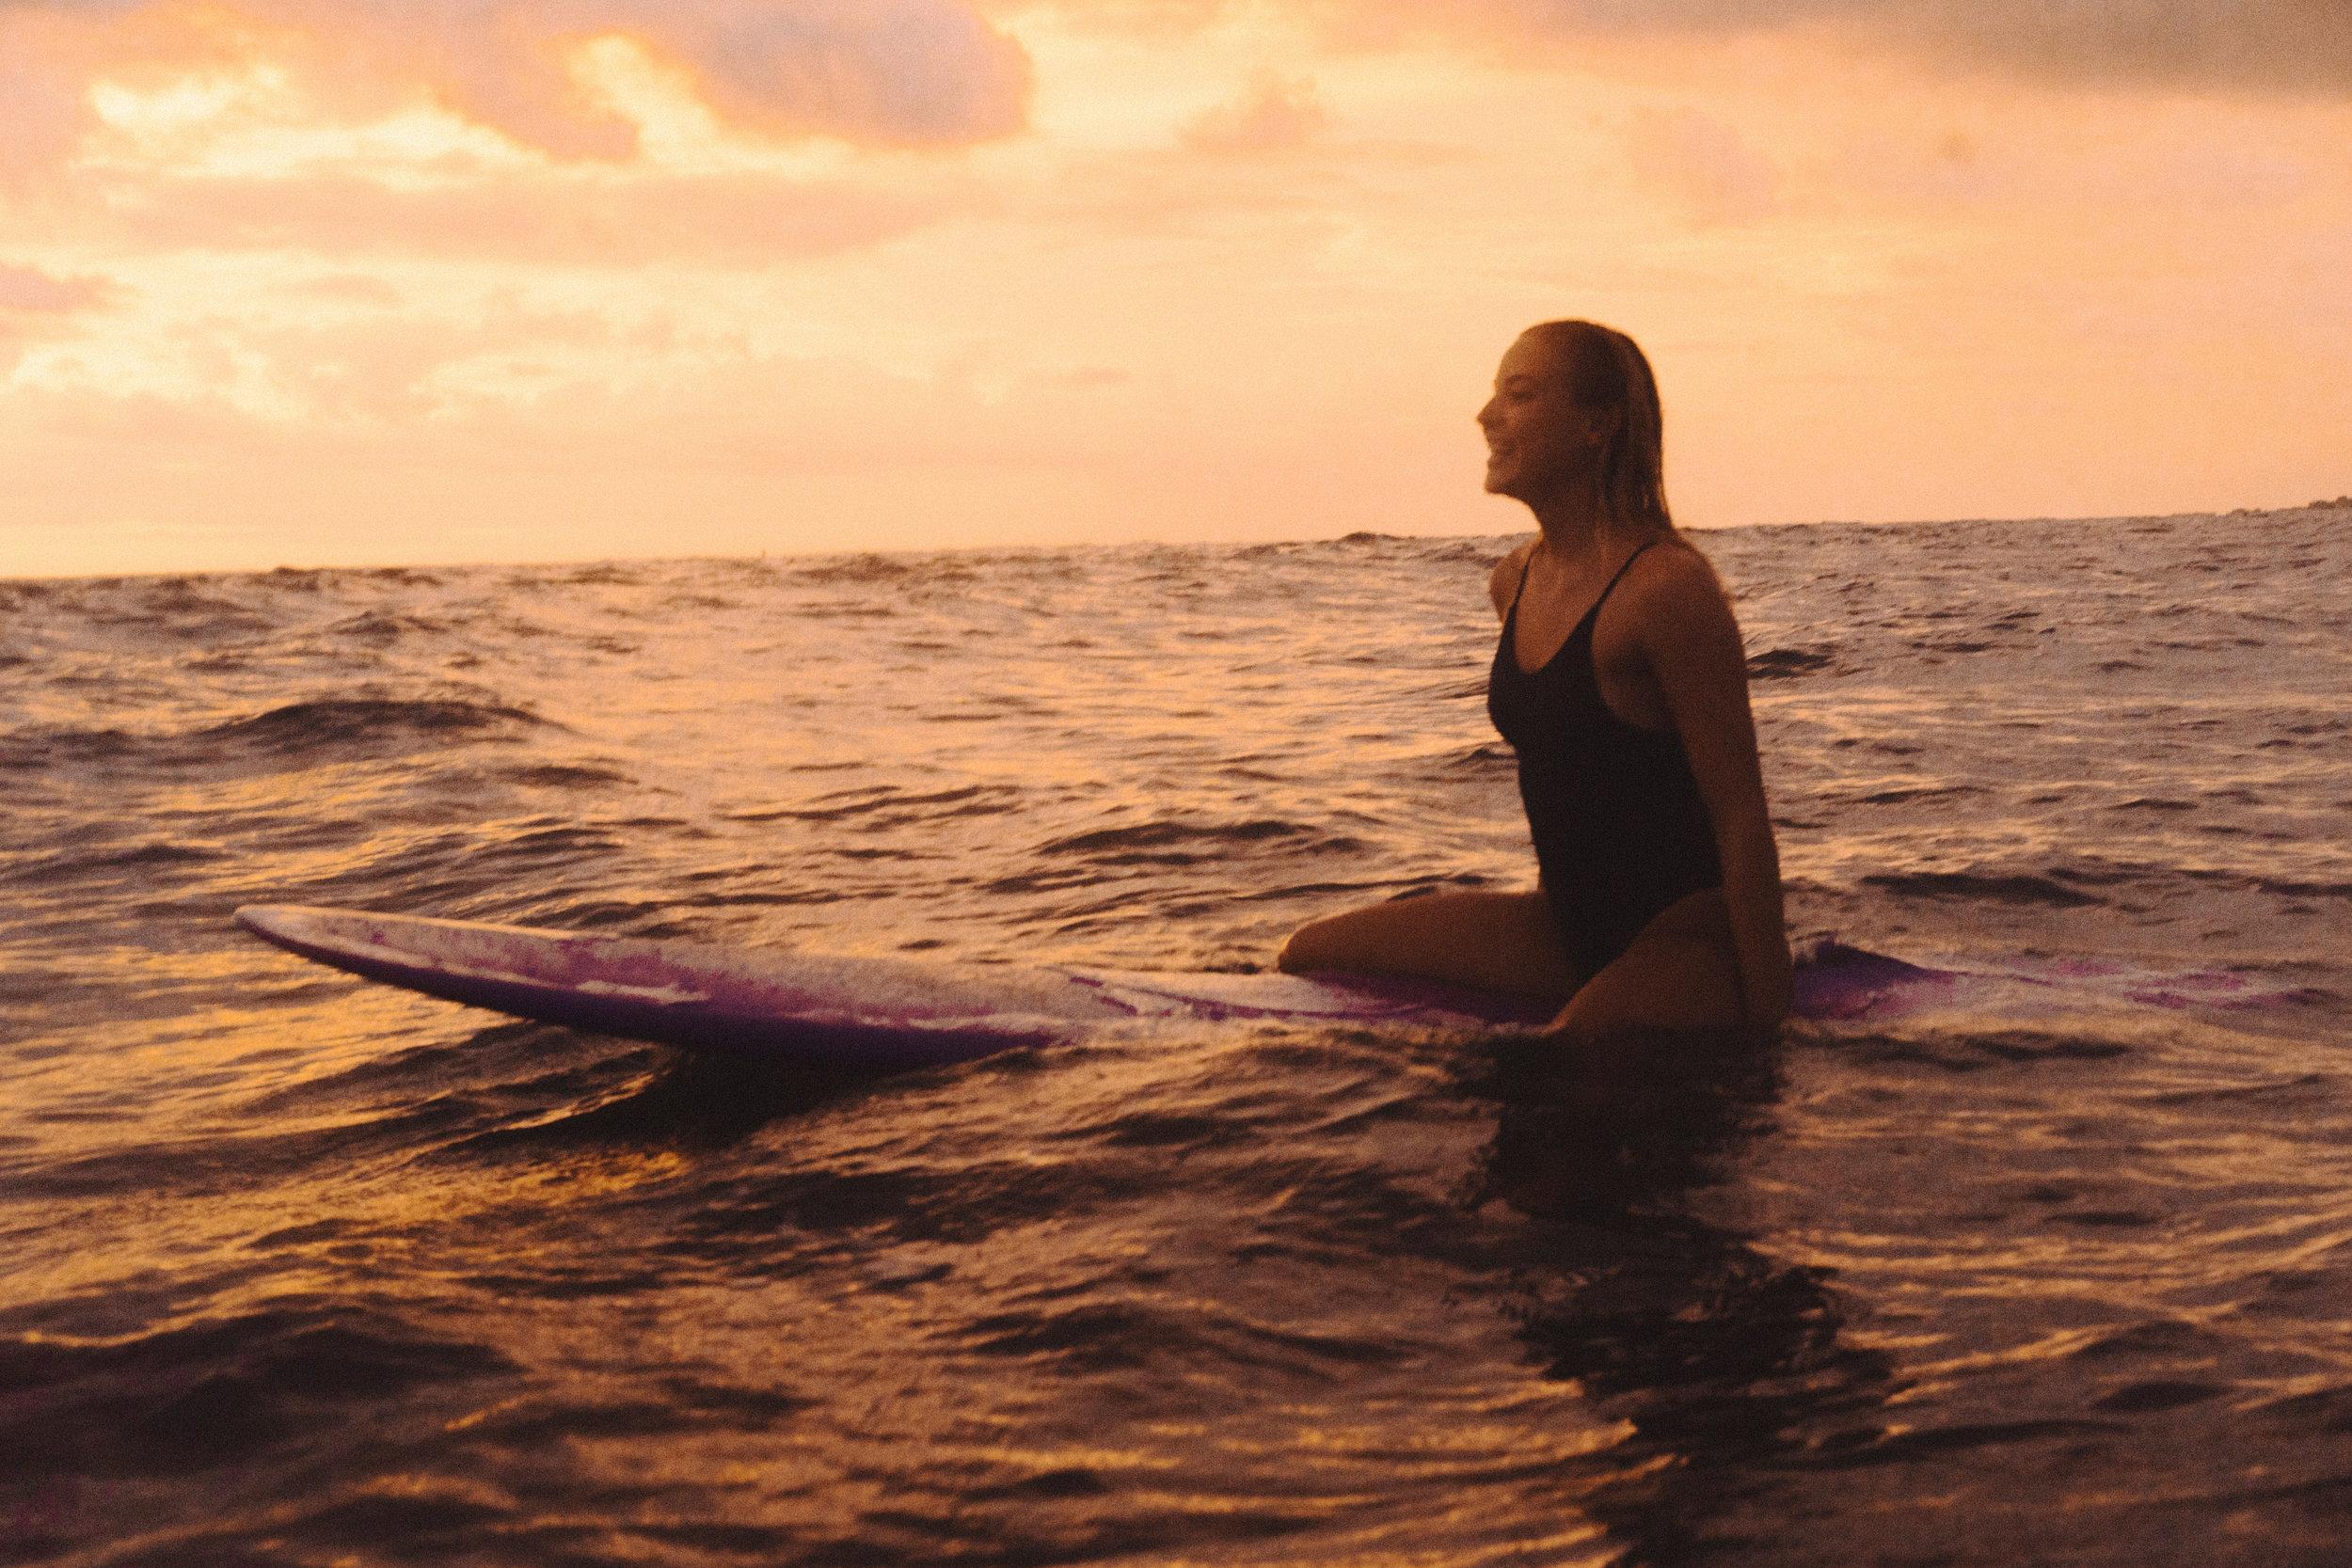 erik_winter_surf_surfing_25.jpg